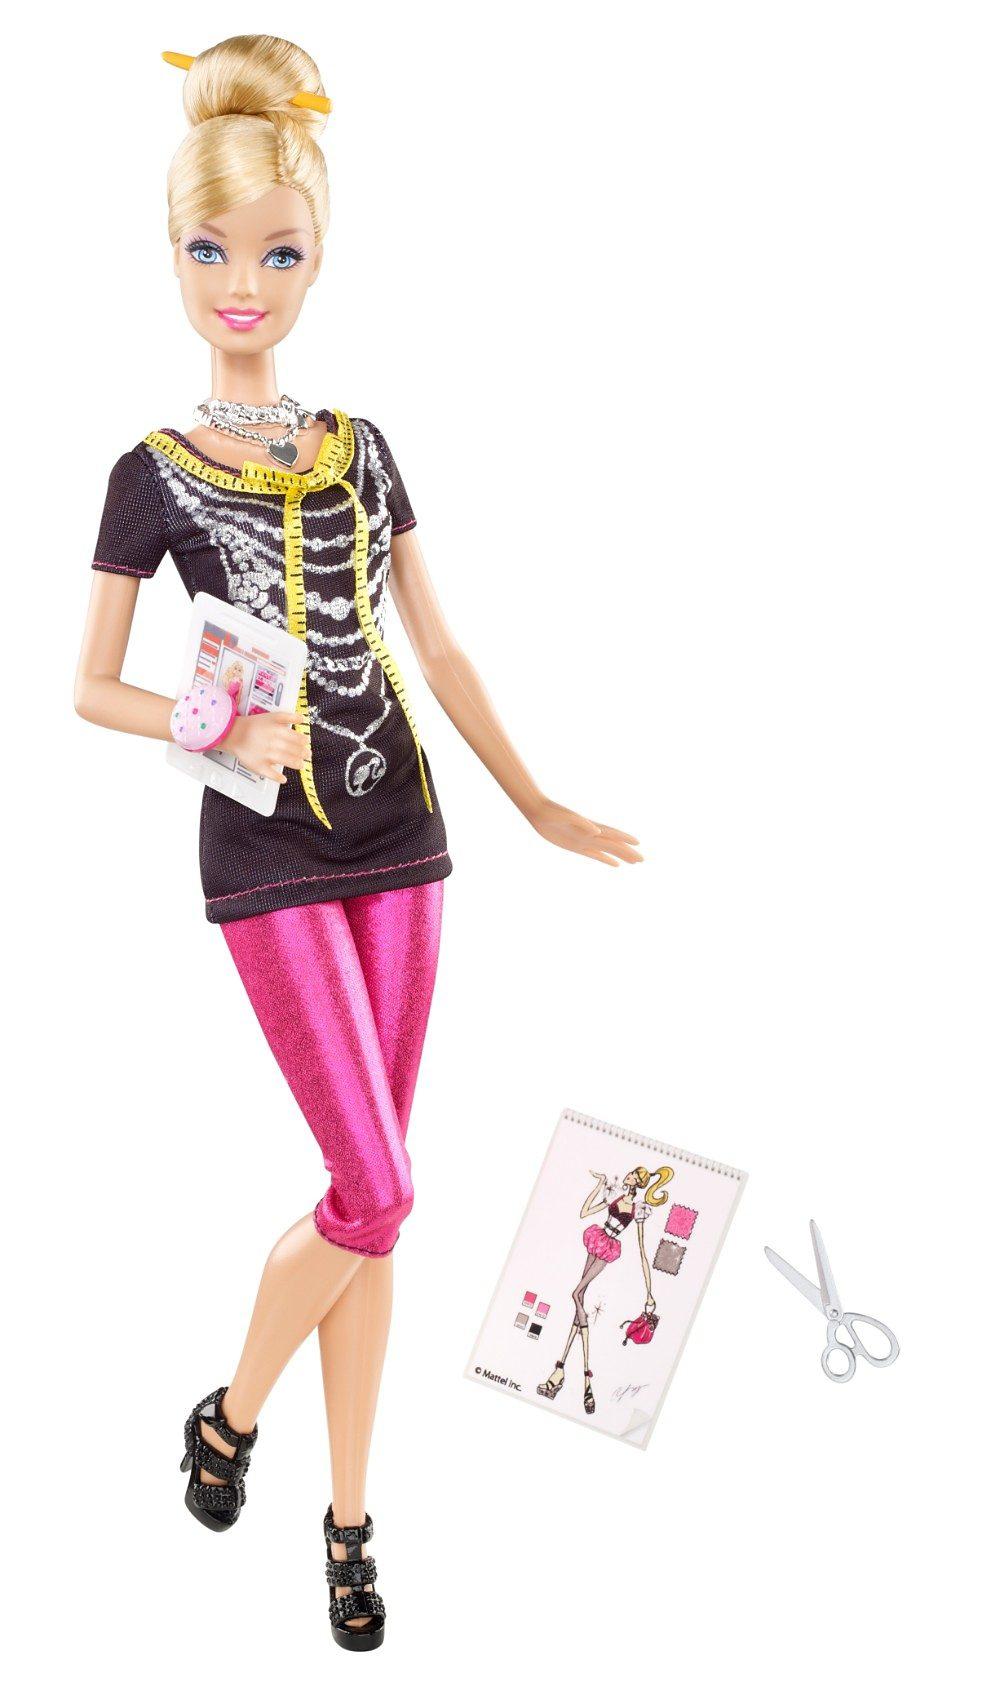 Mattel Barbie Ich wäre gern... Fashion Designer